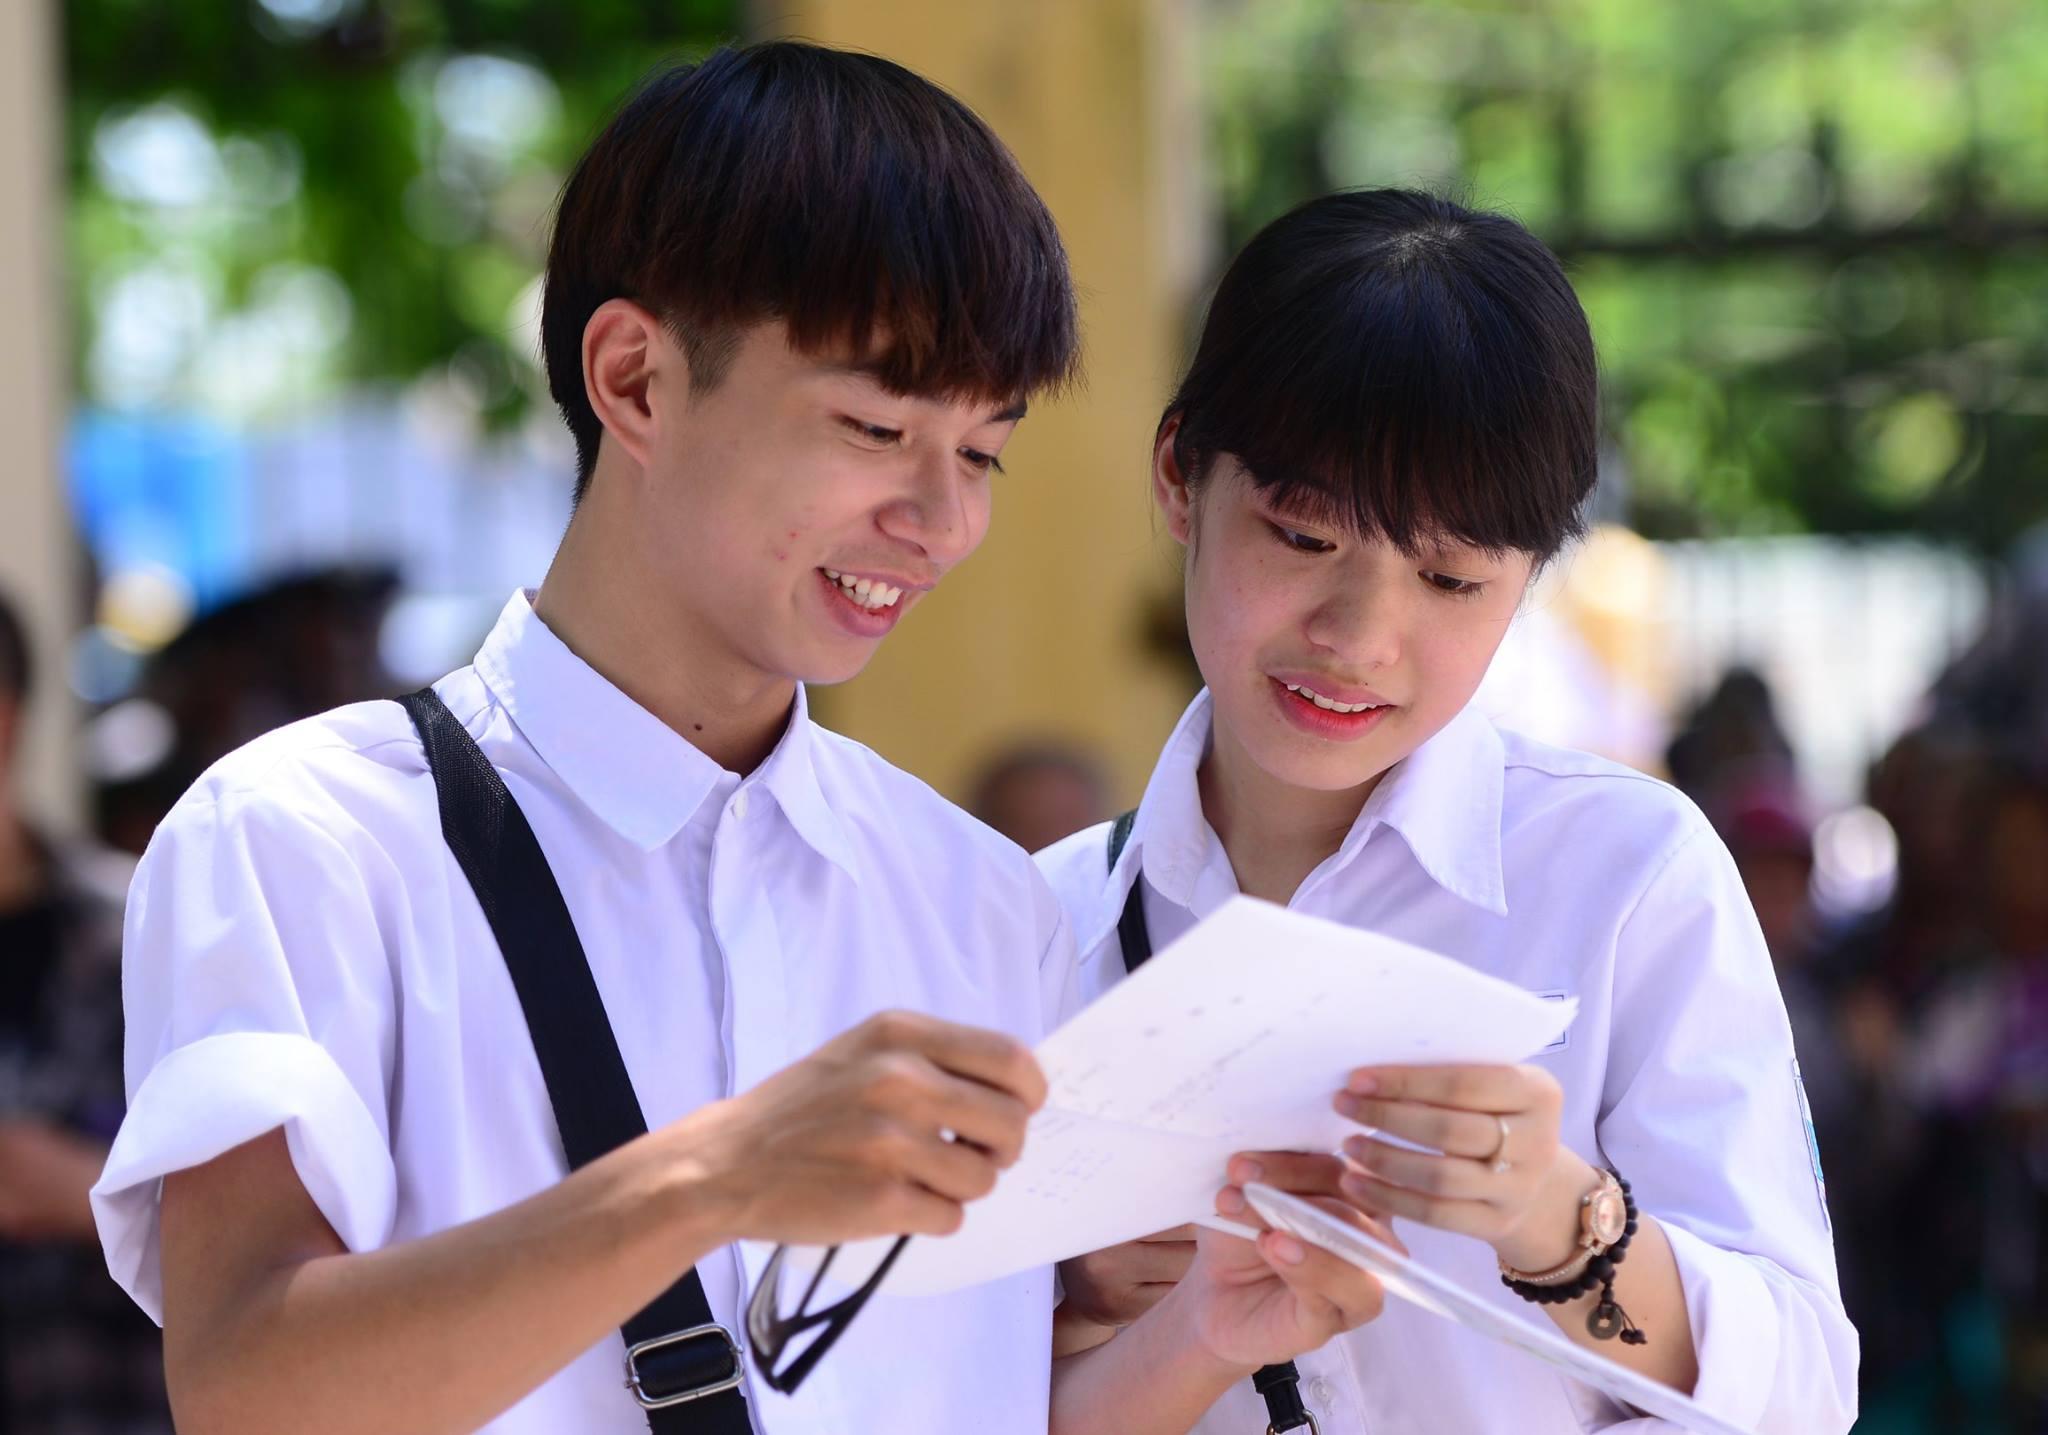 Thầy giáo Nam Định hướng dẫn 10 mẹo giành điểm cao môn Ngữ Văn trong kì thi THPT Quốc gia ảnh 1